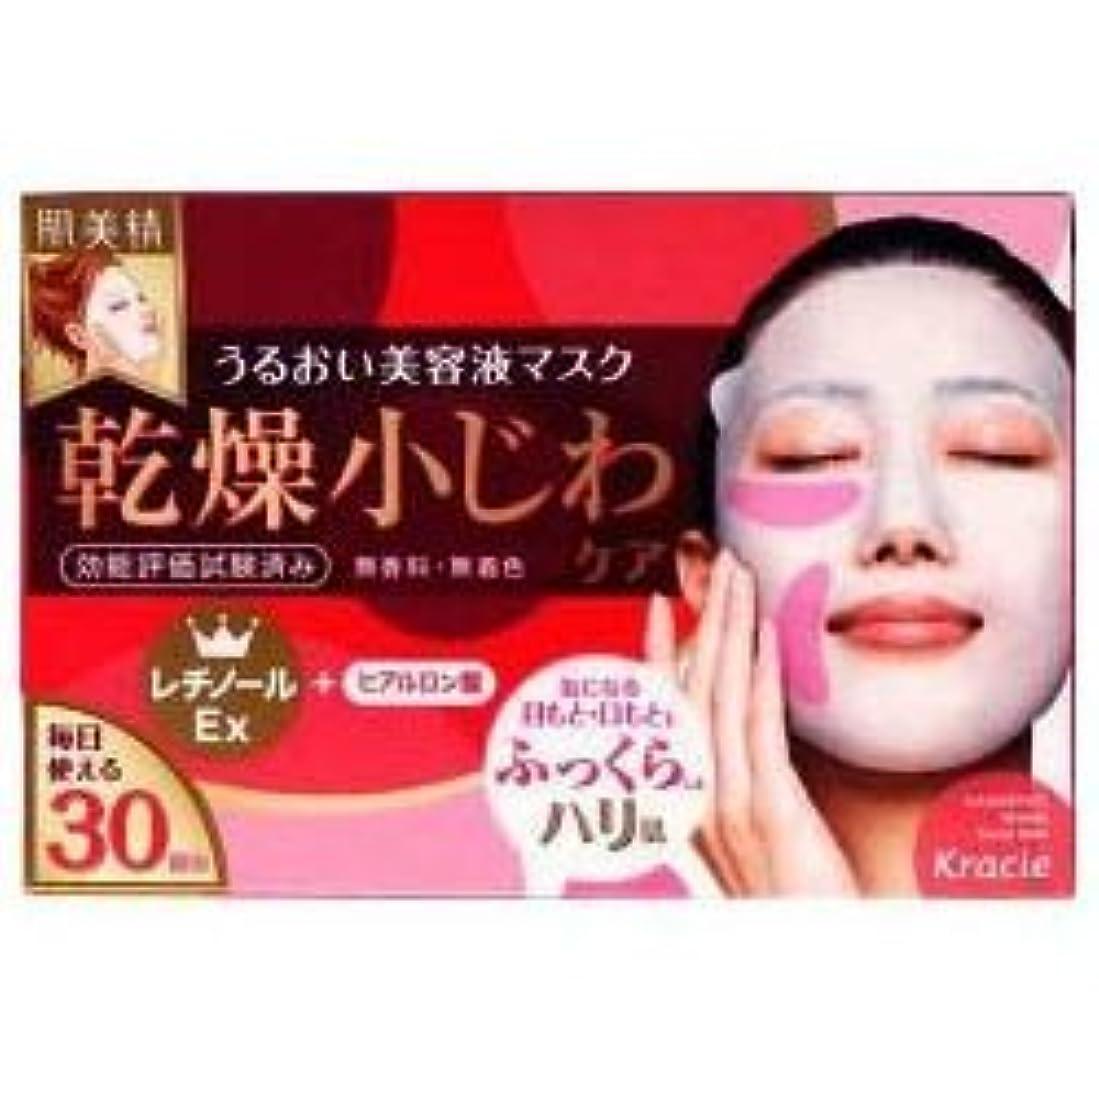 区動機付ける傀儡【クラシエ】肌美精 デイリーリンクルケア美容液マスク 30枚 ×5個セット